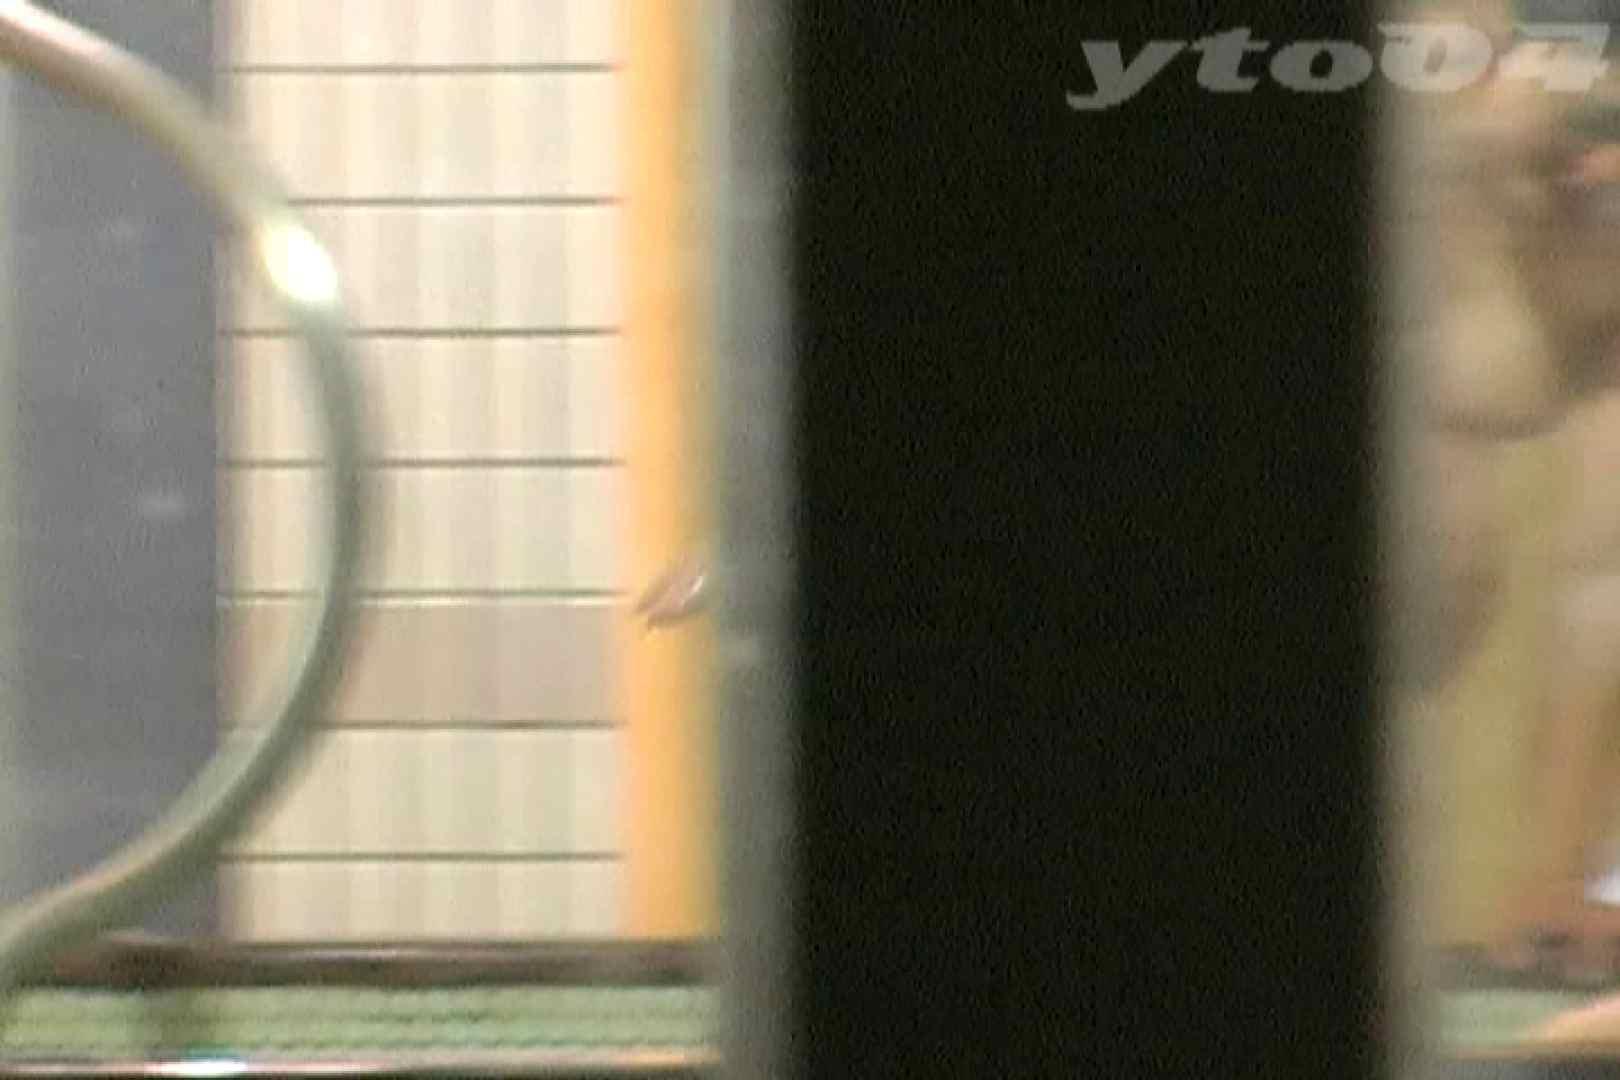 トイレ盗撮 ▲復活限定▲合宿ホテル女風呂盗撮 Vol.26 怪盗ジョーカー